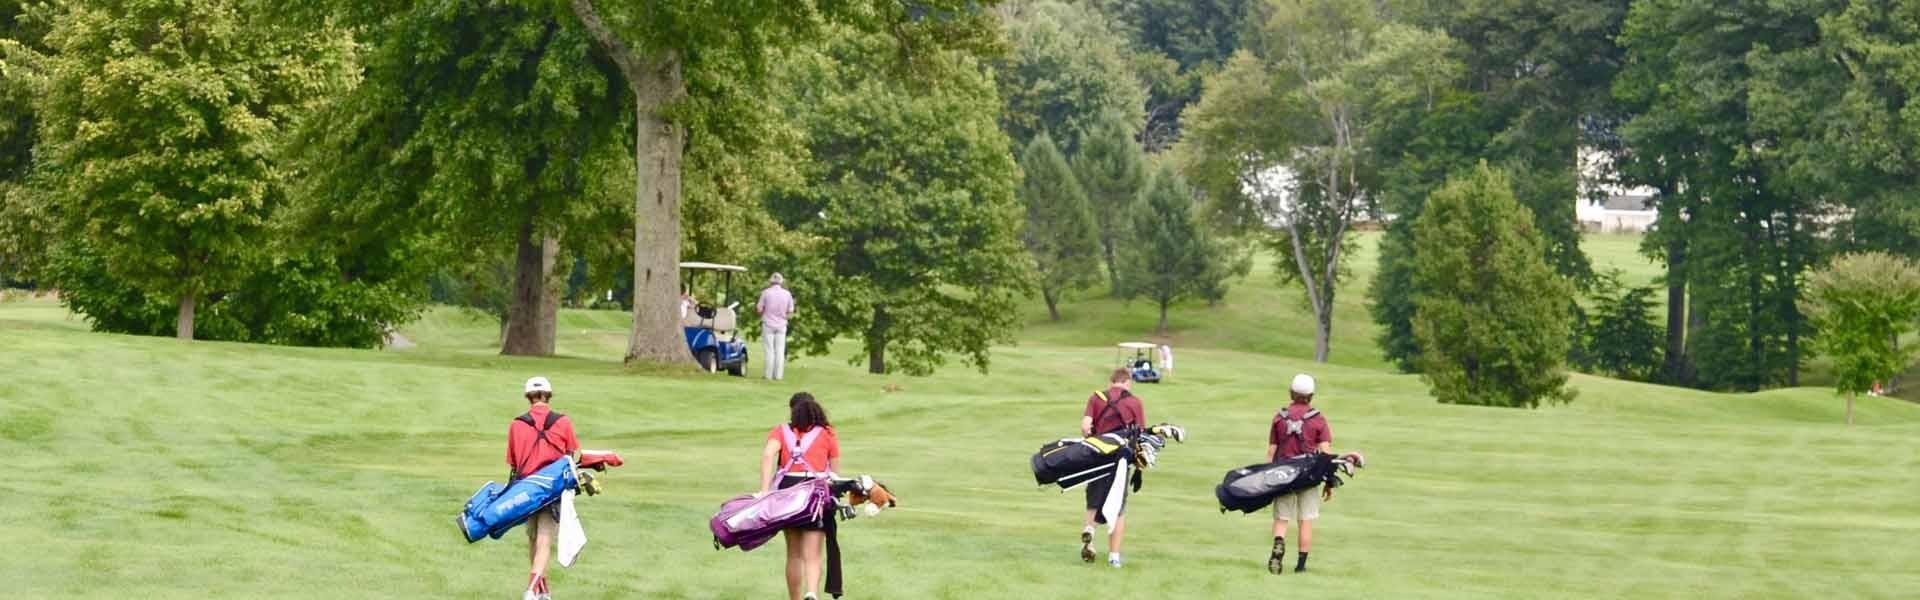 Pope Francis Massachusetts USA Golf Banner 2019